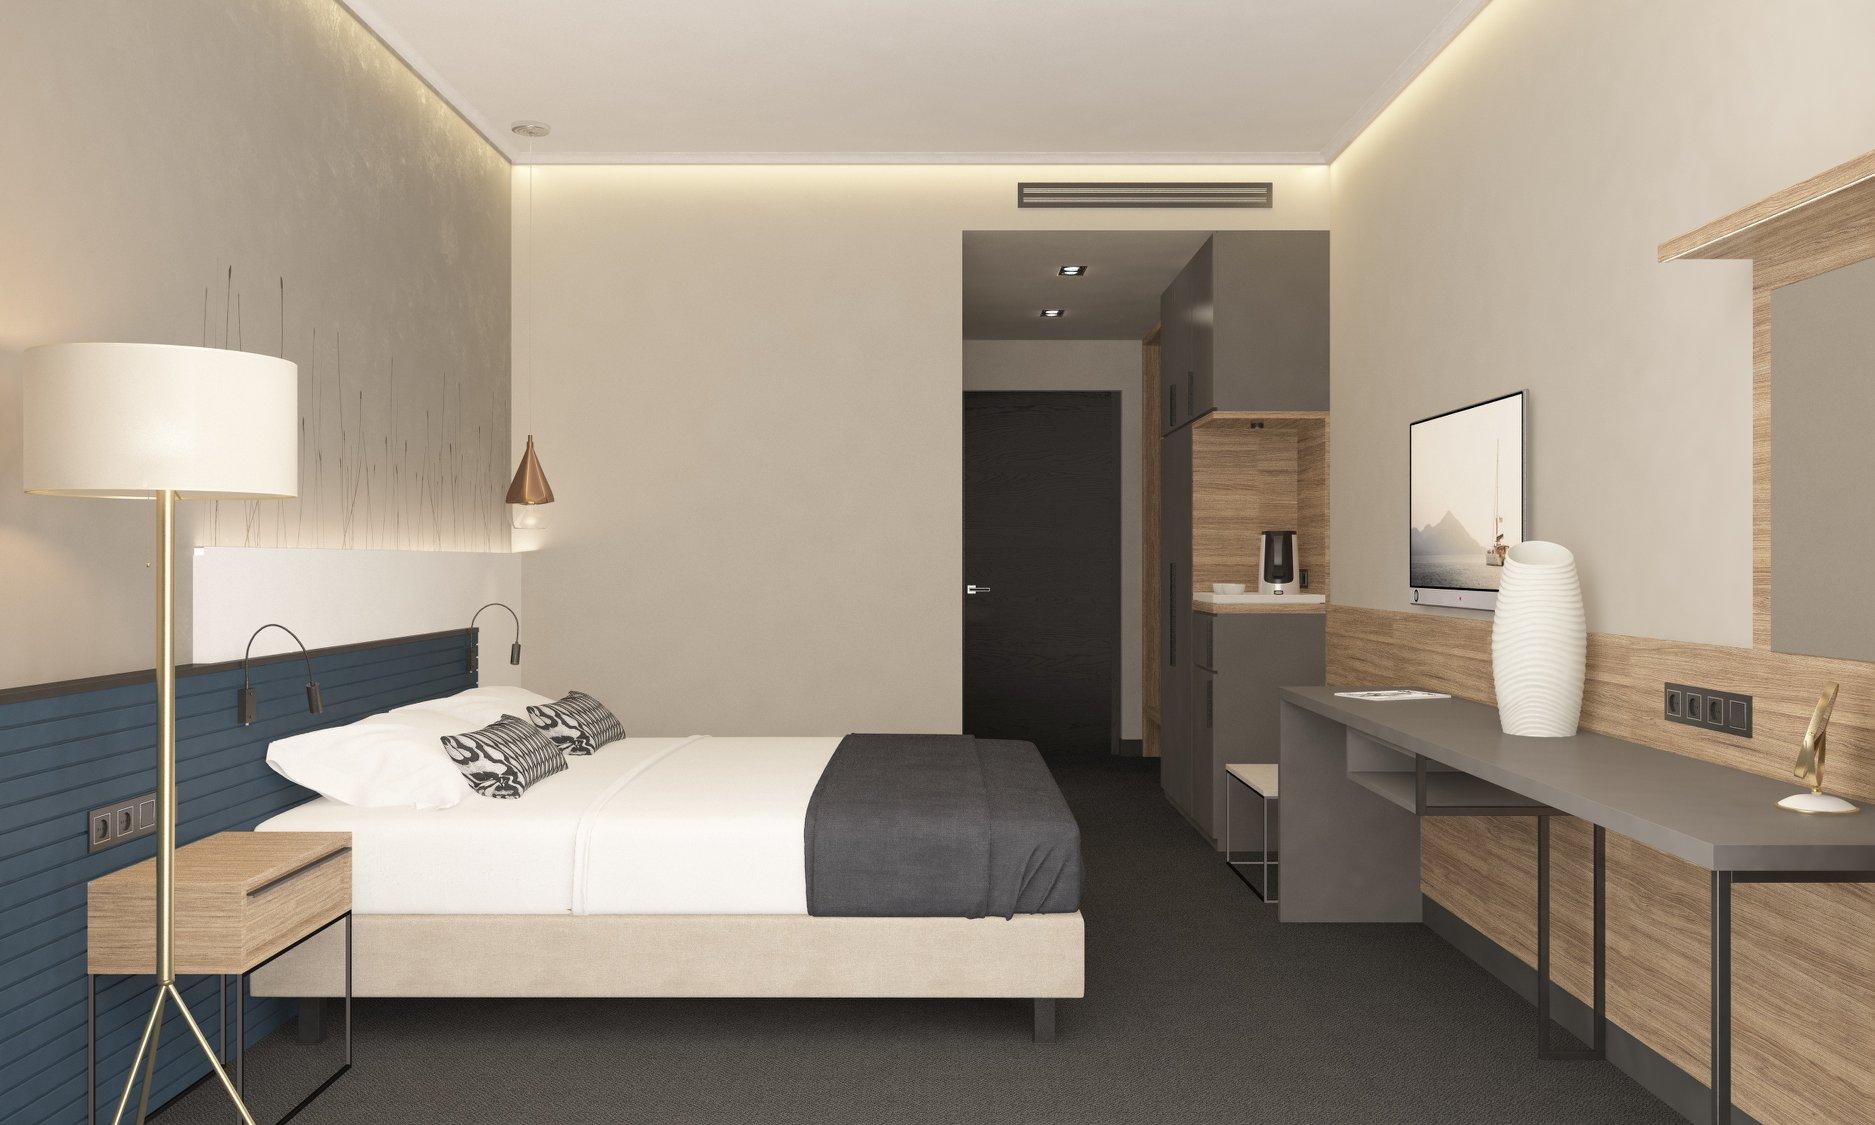 Где разместиться на сутки в Могилёве – в квартире или гостинице